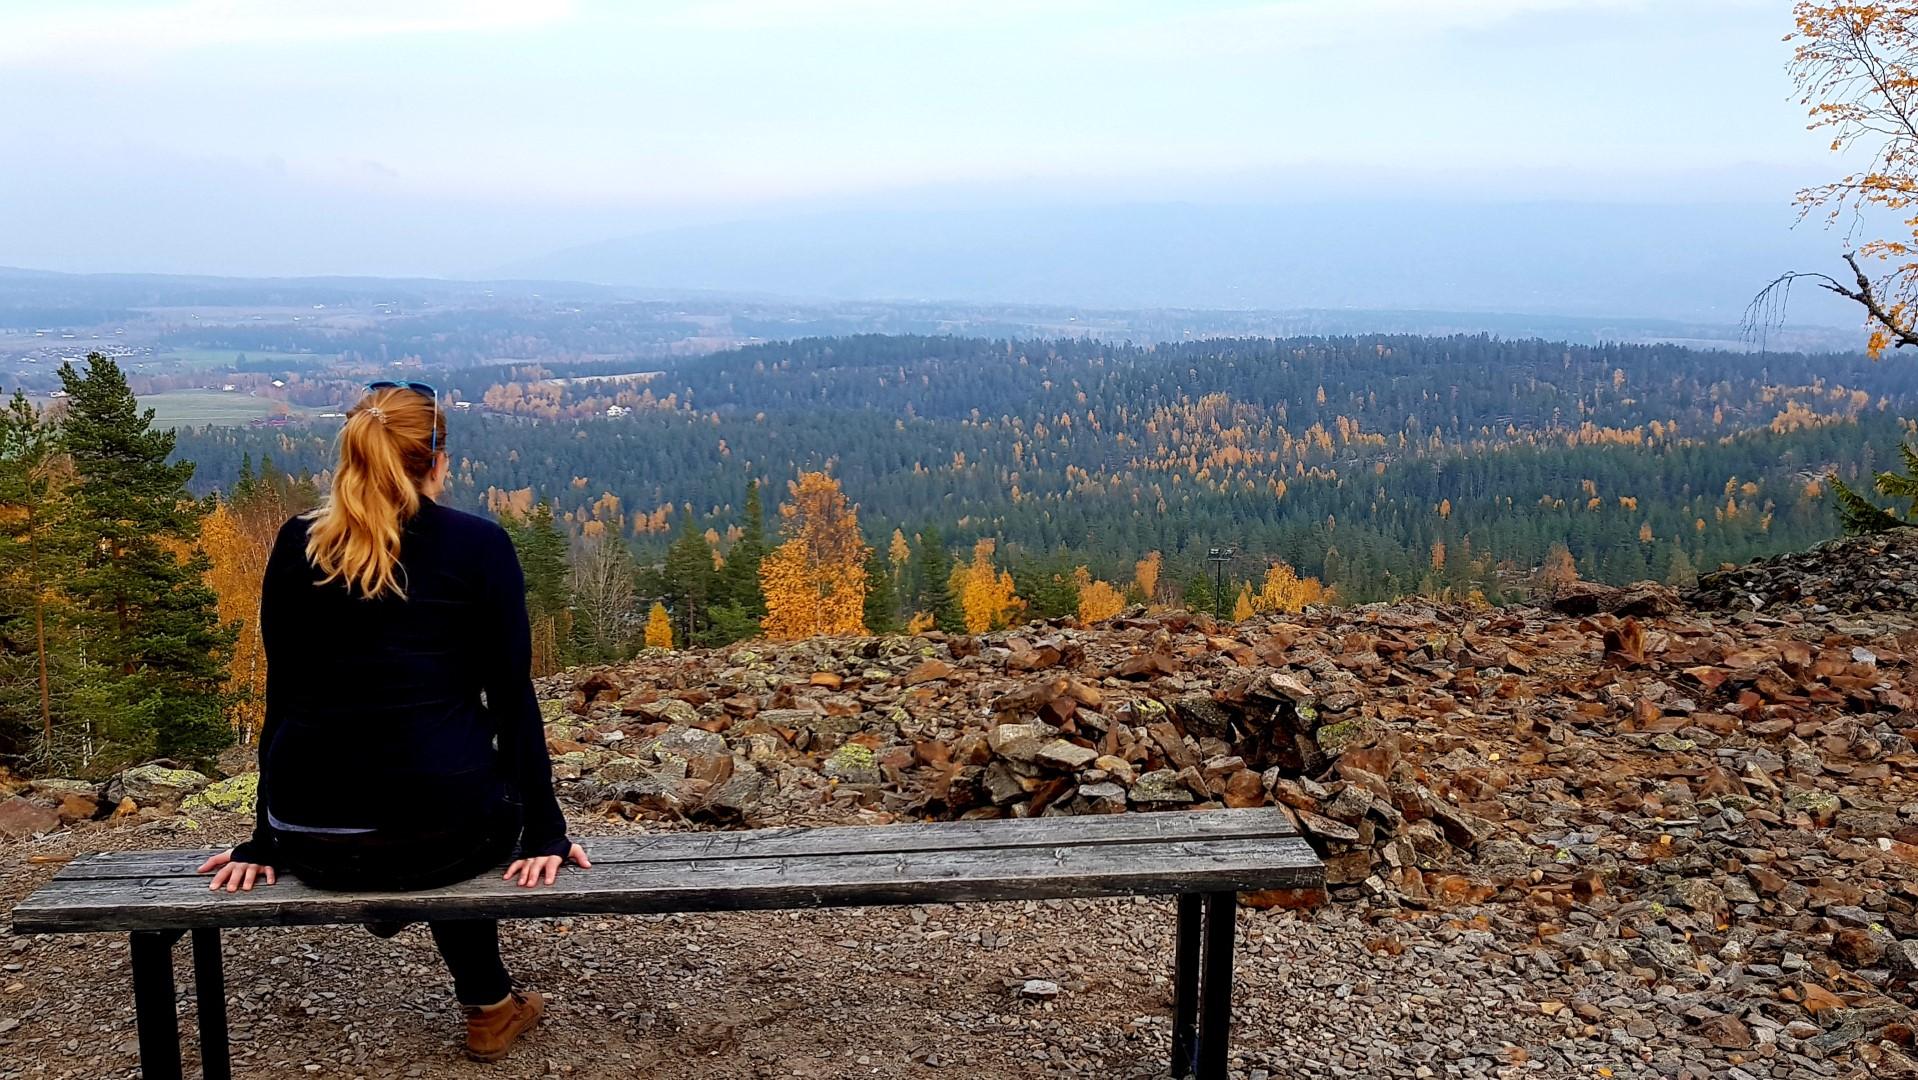 Dziewczyna siedząca na ławce i patrząca na dolinę niedaleko Oslo.